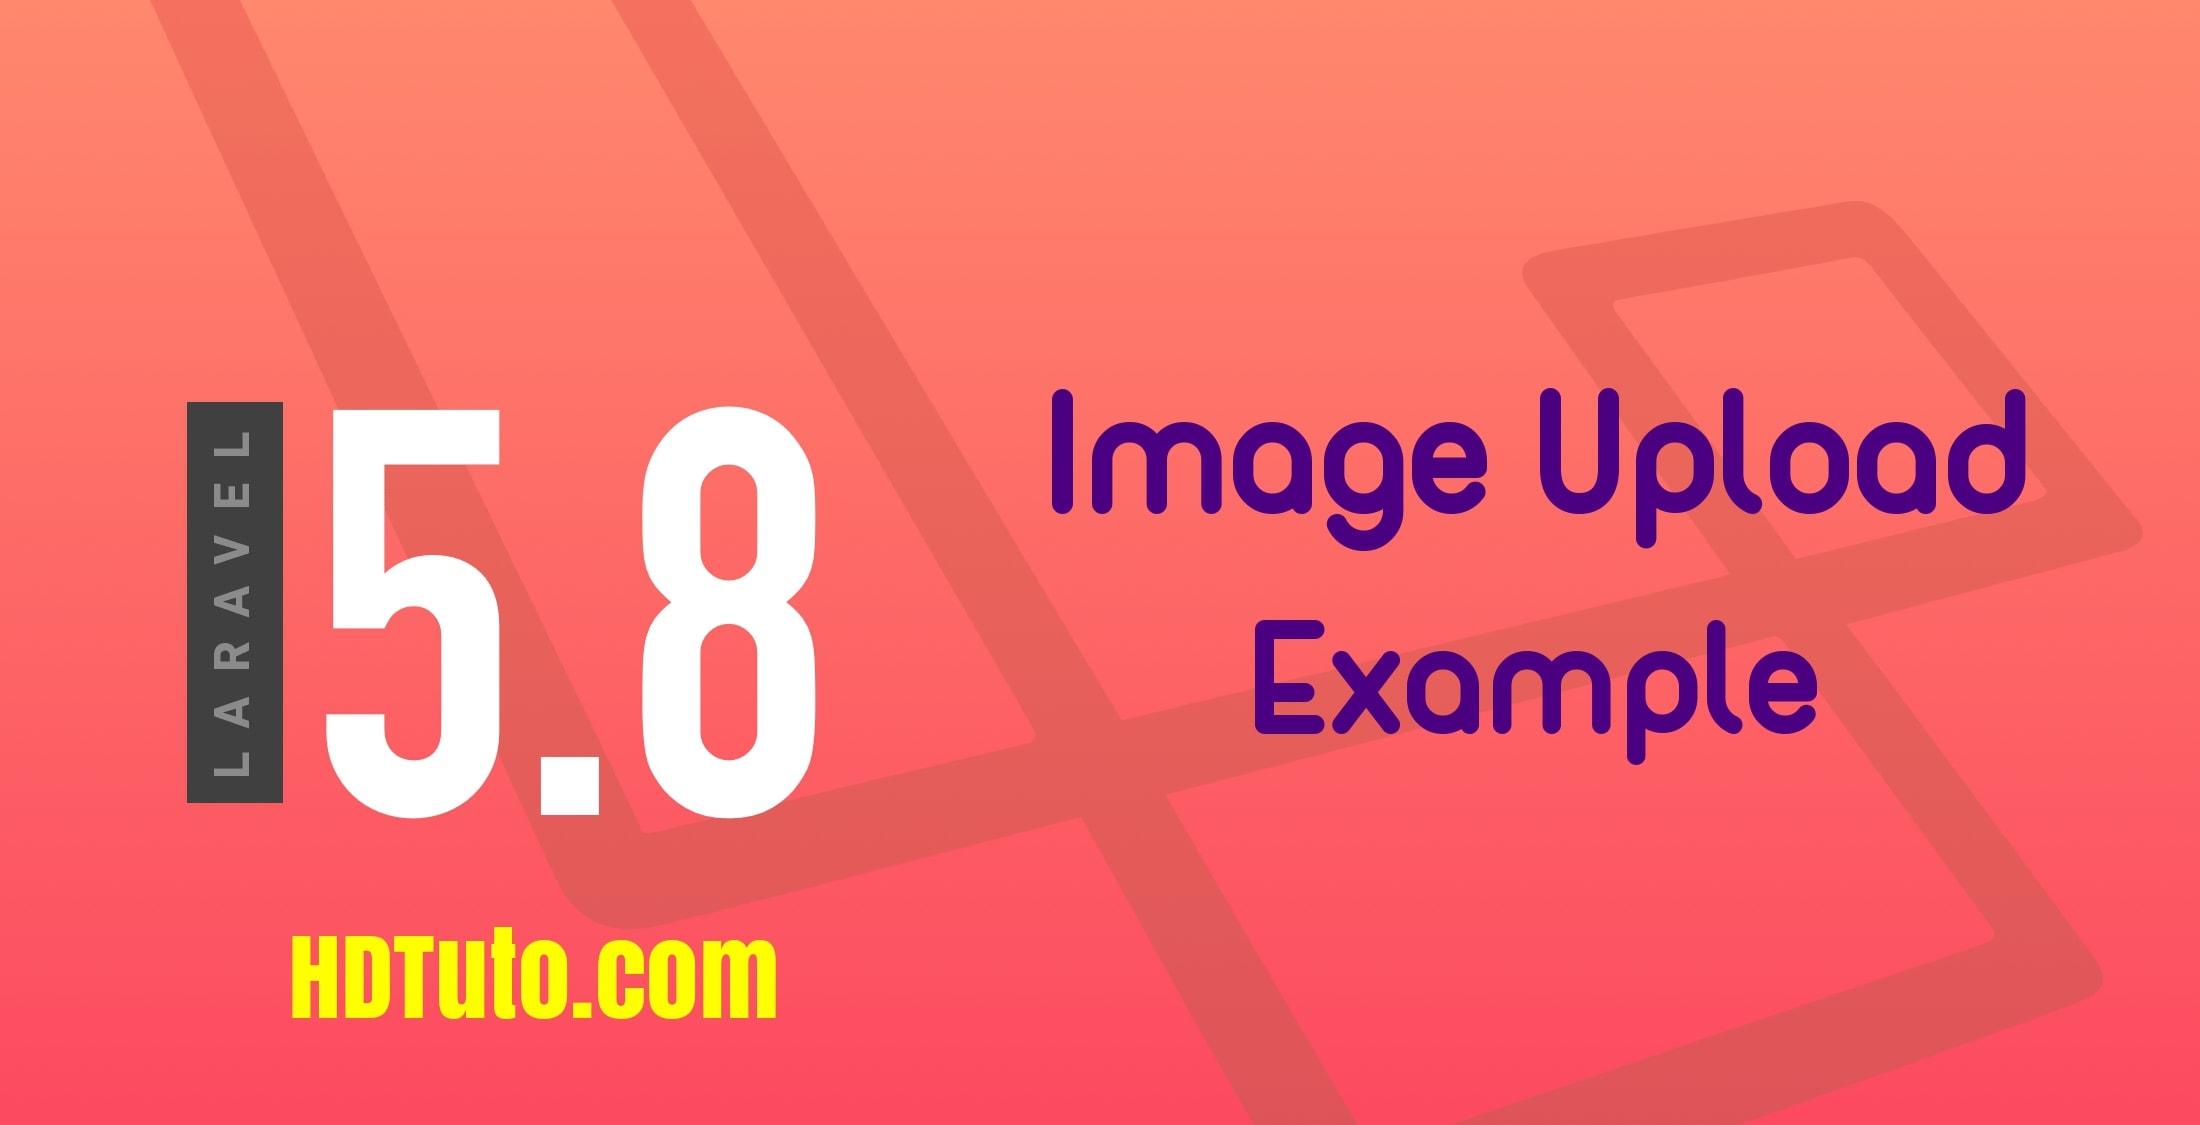 Image Upload Tutorial with Laravel 5 8 - HDTuto com